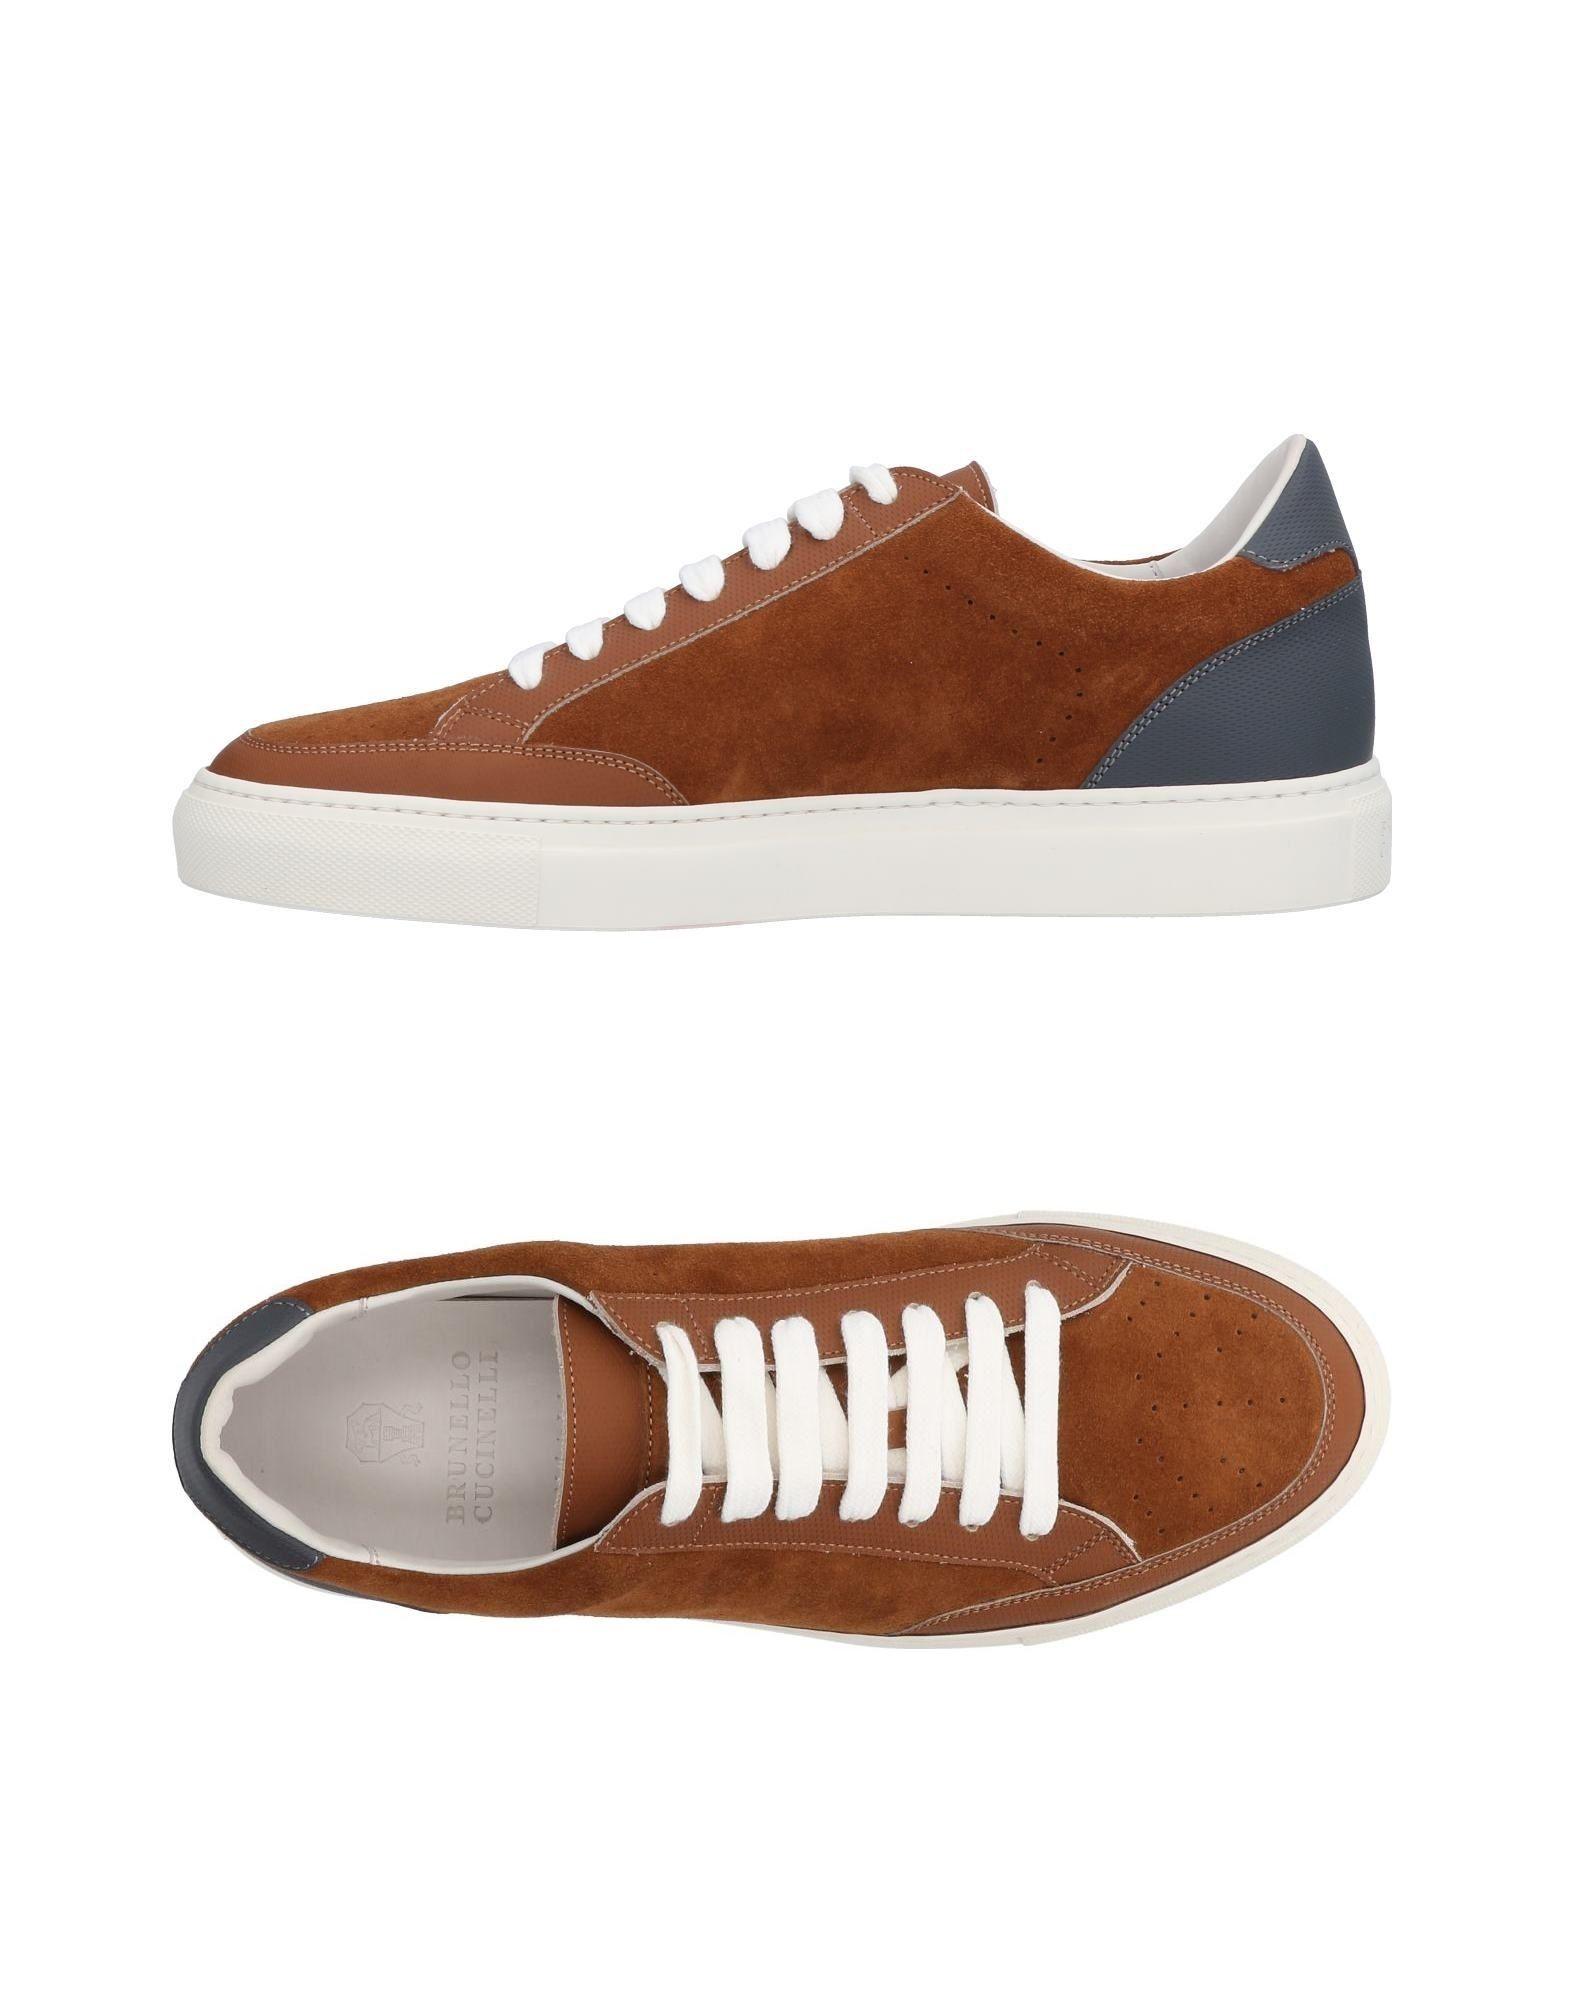 Brunello Cucinelli Sneakers 11494207WQ Herren  11494207WQ Sneakers 5d32c8